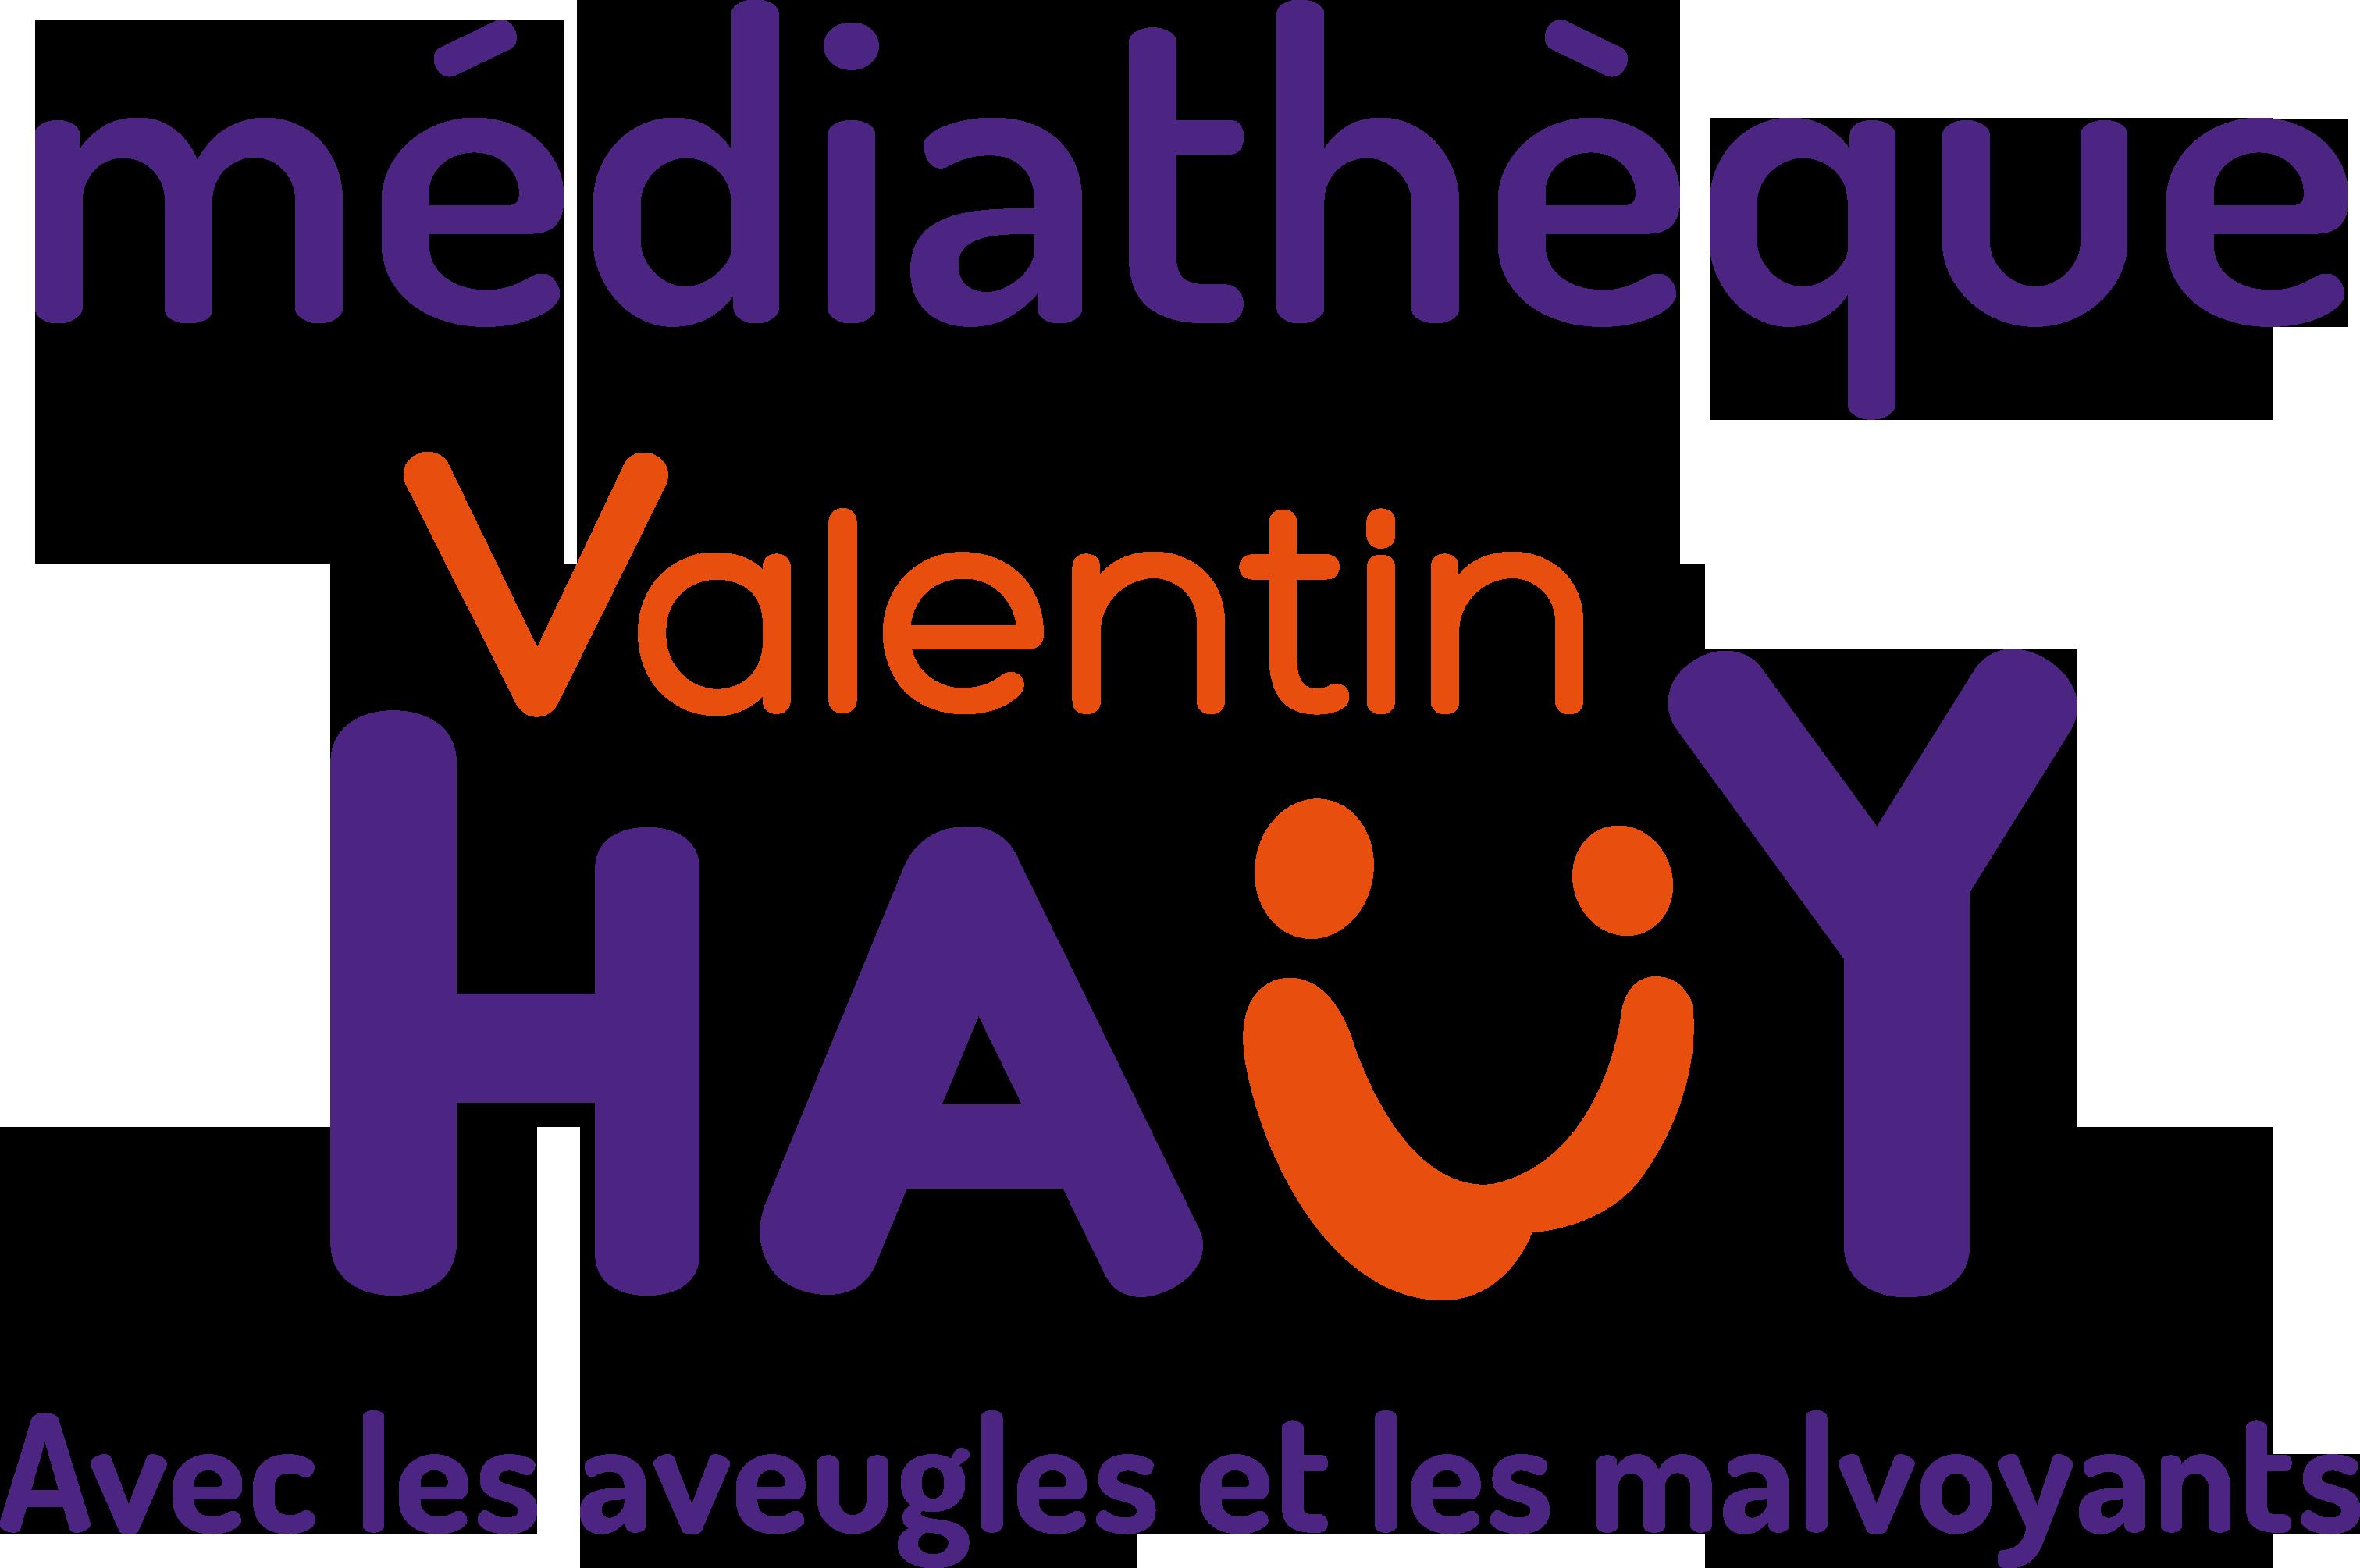 Médiathèque Valentin Haüy